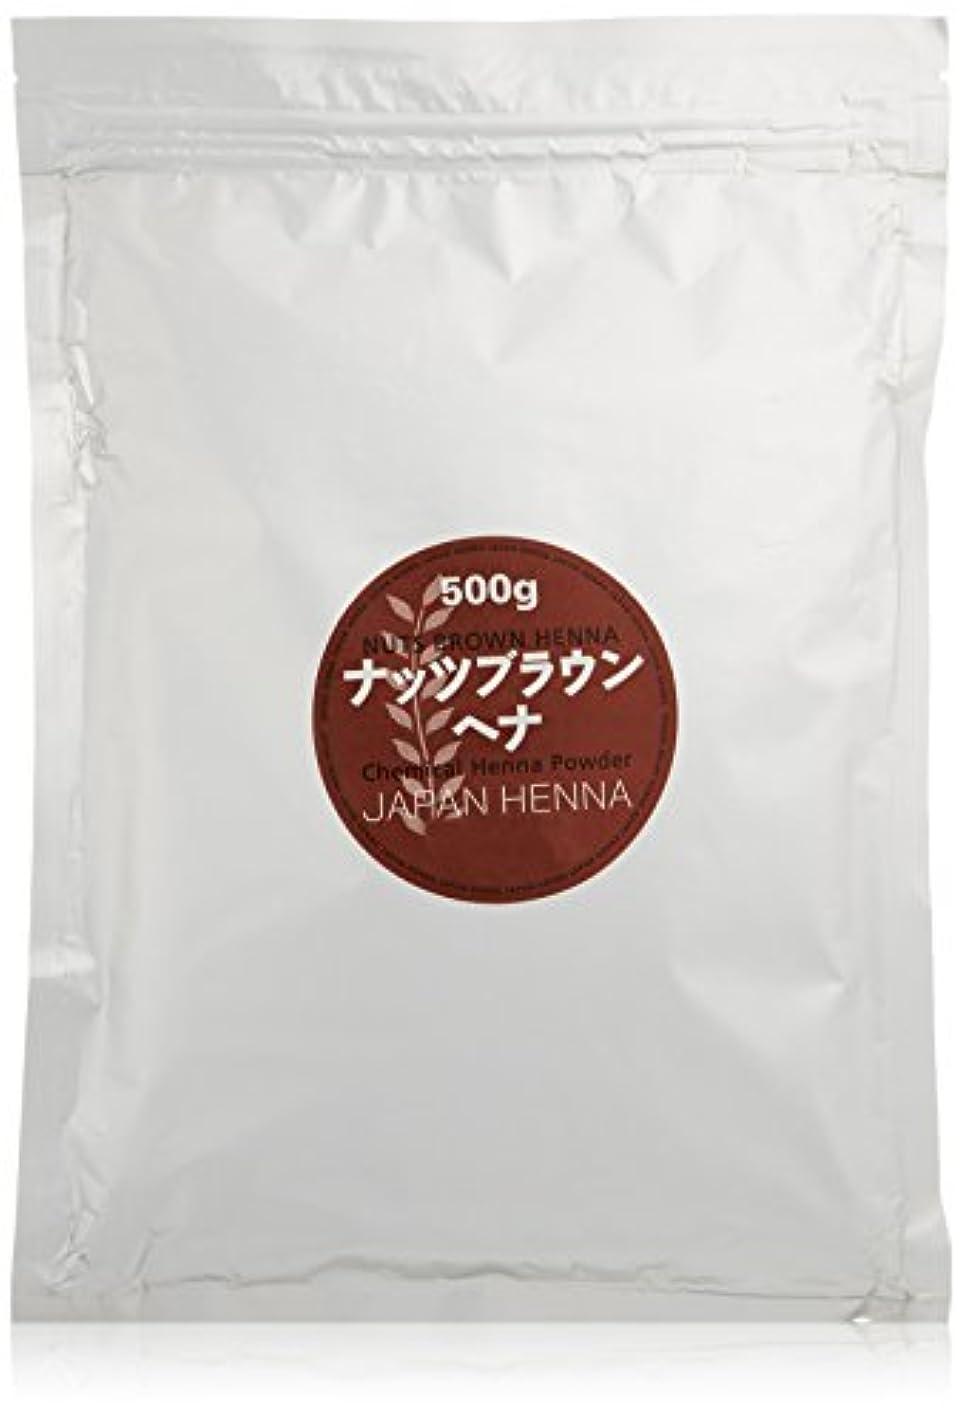 ローズゲートパイプラインジャパンヘナ ナッツブラウン 500g